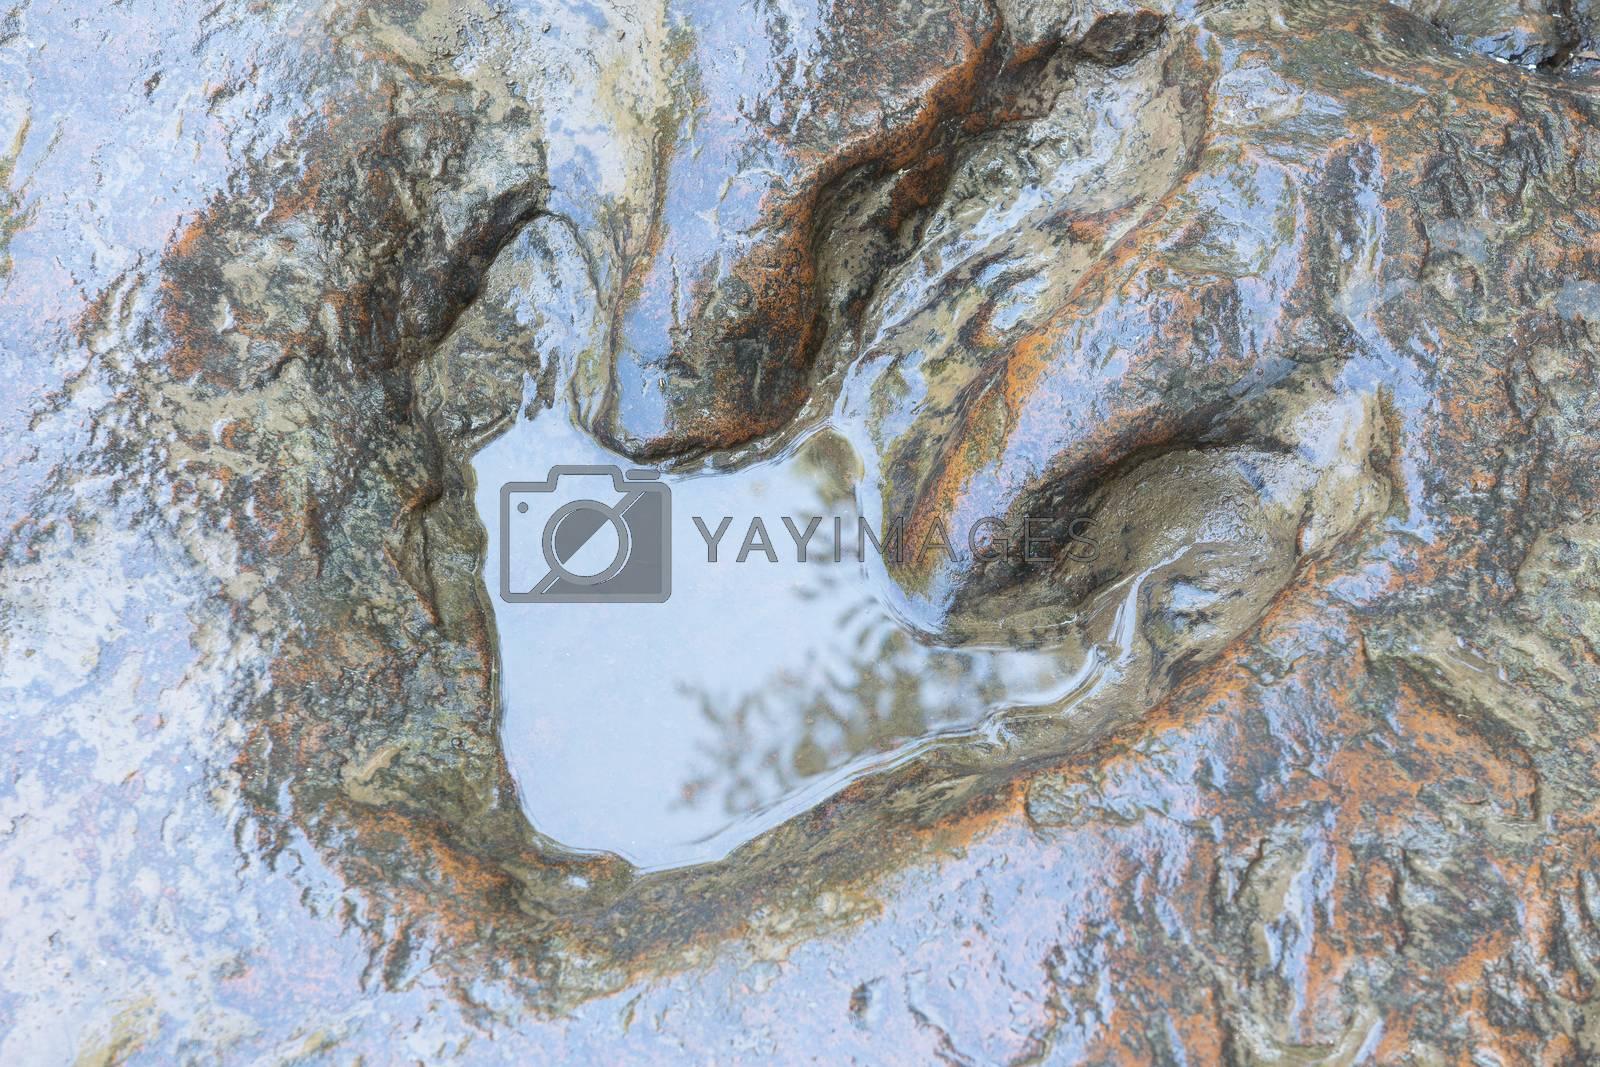 Detail of dinosaur tracks in thailand (dinosaur, footprints, footprint)